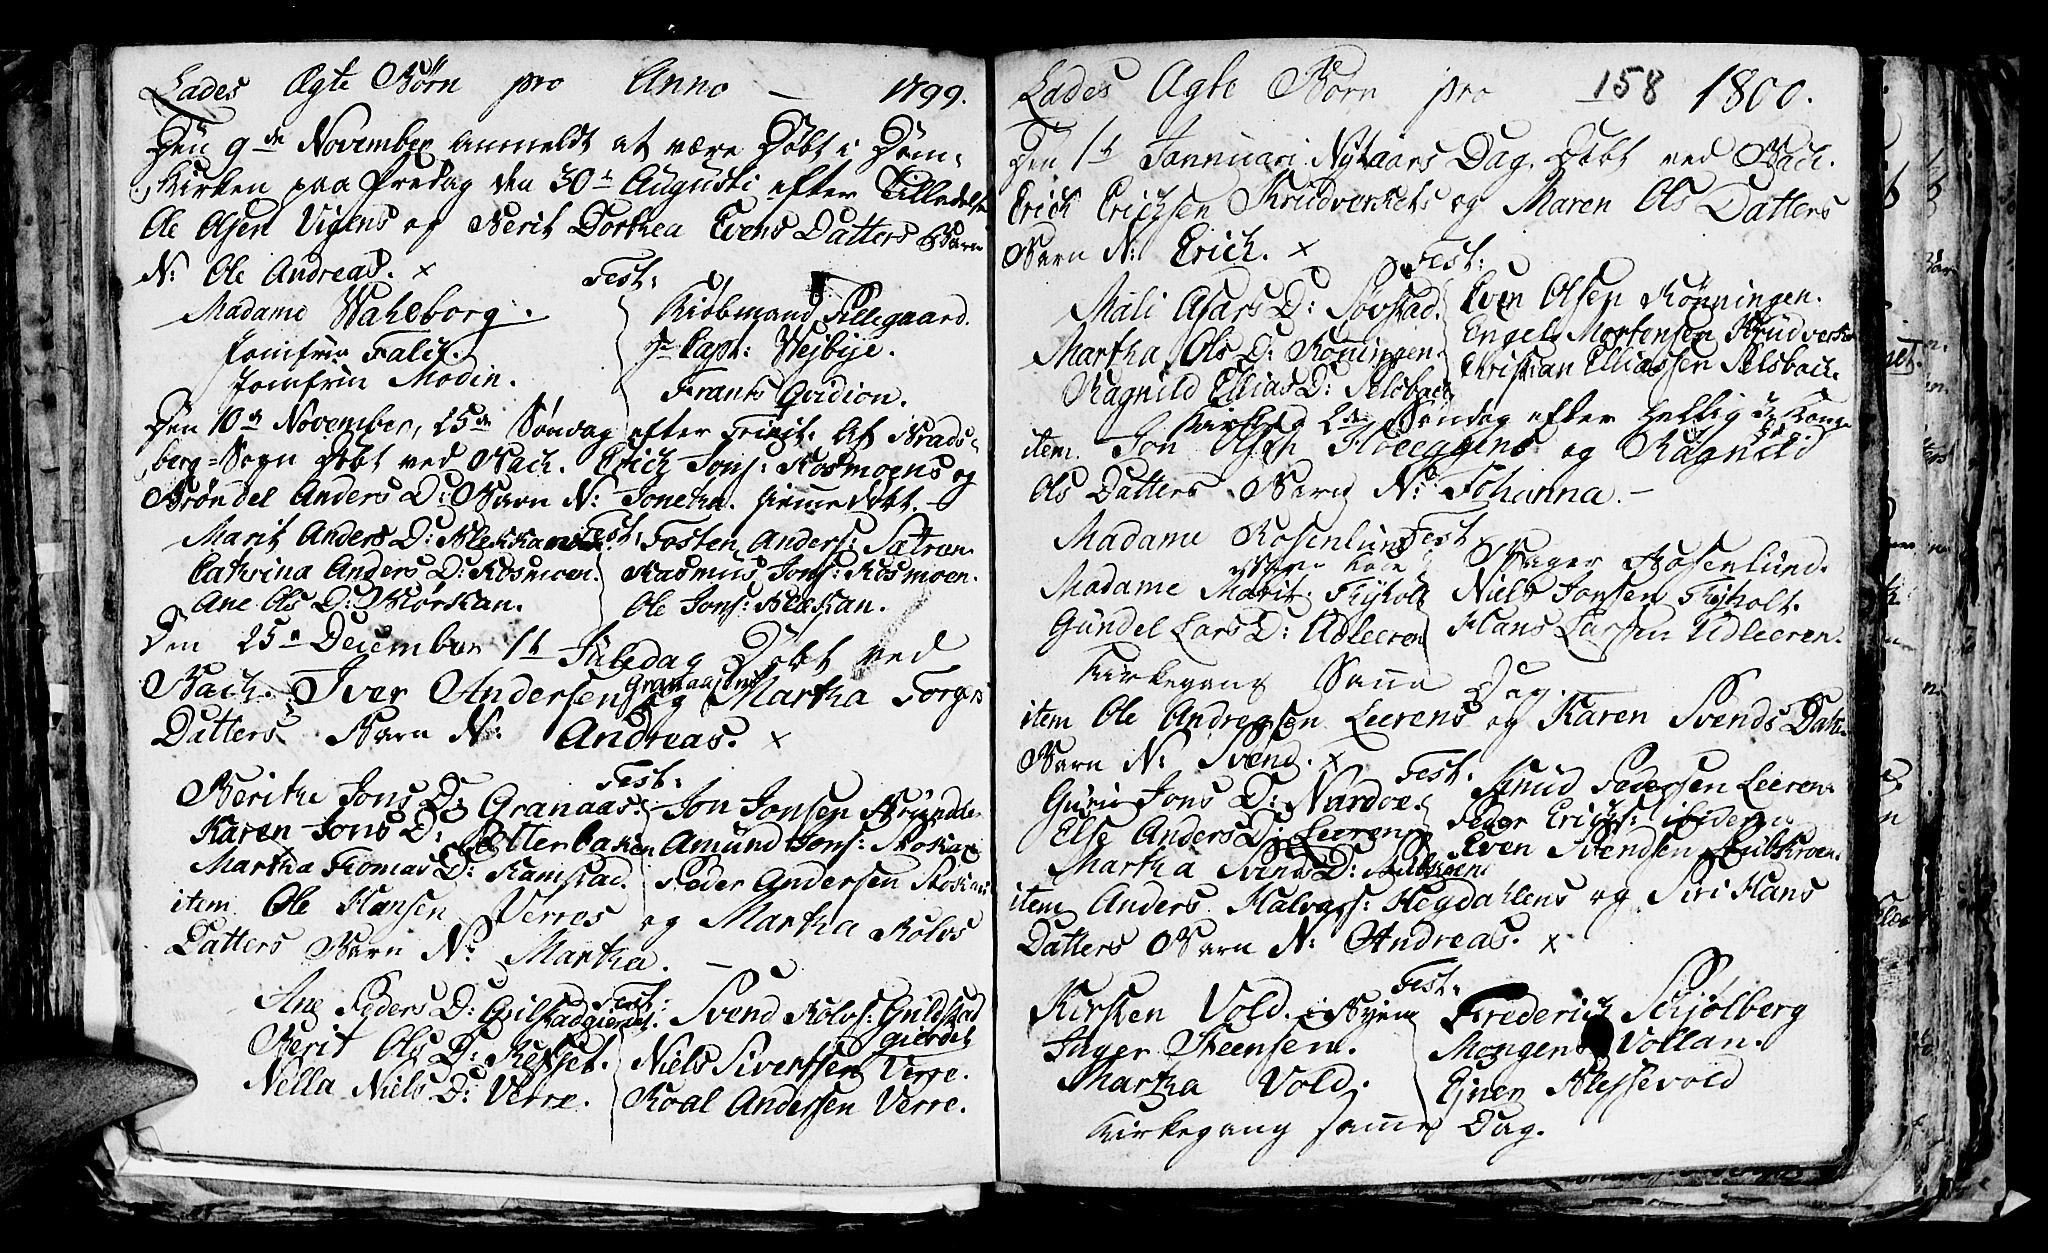 SAT, Ministerialprotokoller, klokkerbøker og fødselsregistre - Sør-Trøndelag, 606/L0305: Klokkerbok nr. 606C01, 1757-1819, s. 158